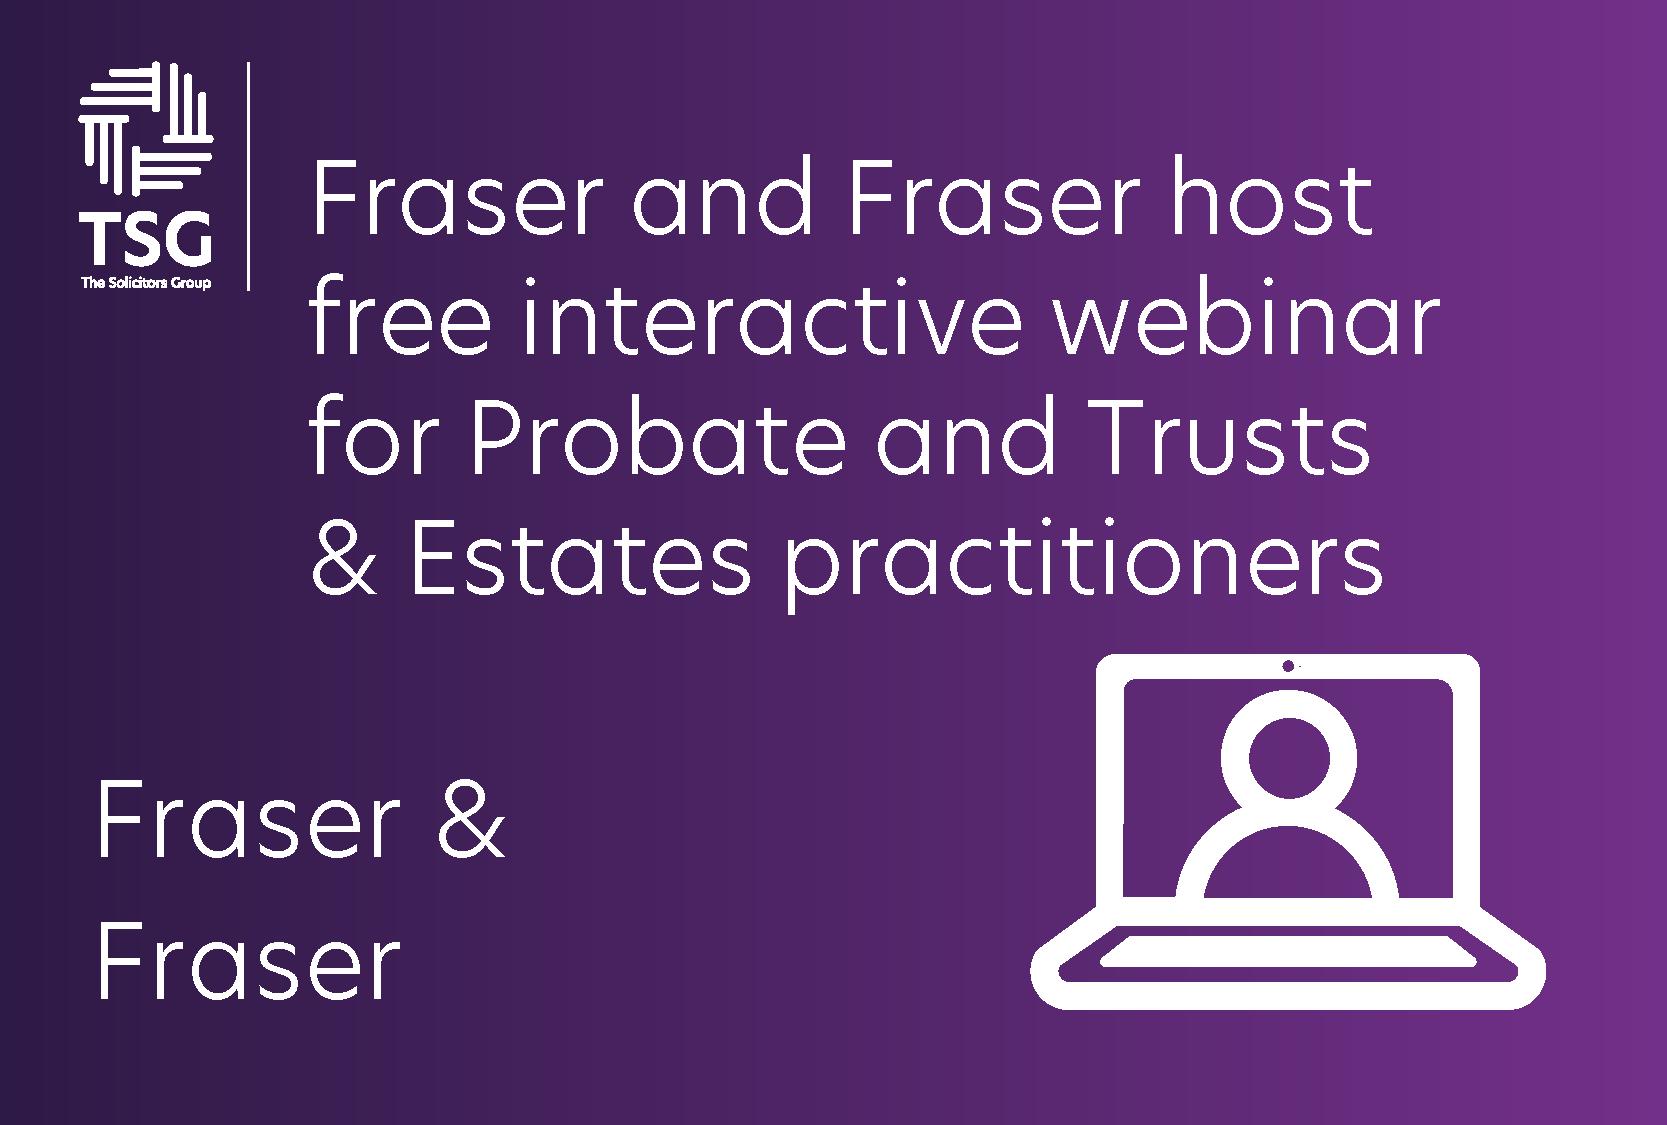 Fraser and Fraser webinar